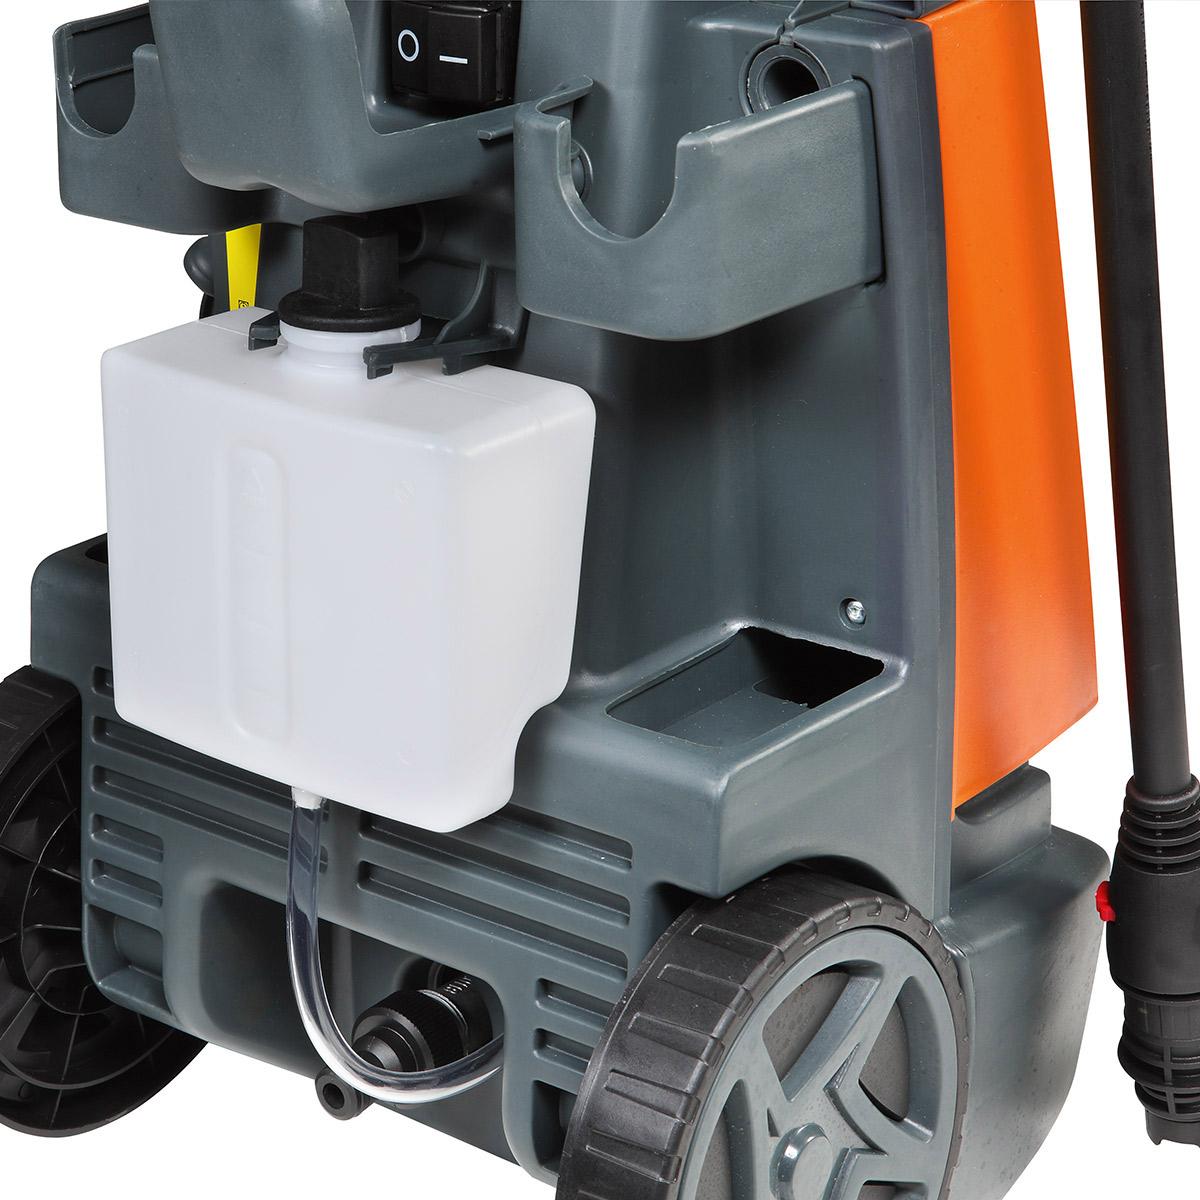 πλυστικό μηχάνημα υψηλής πίεσης Oleo-Mac PW115C - 125bar - 1750Watt